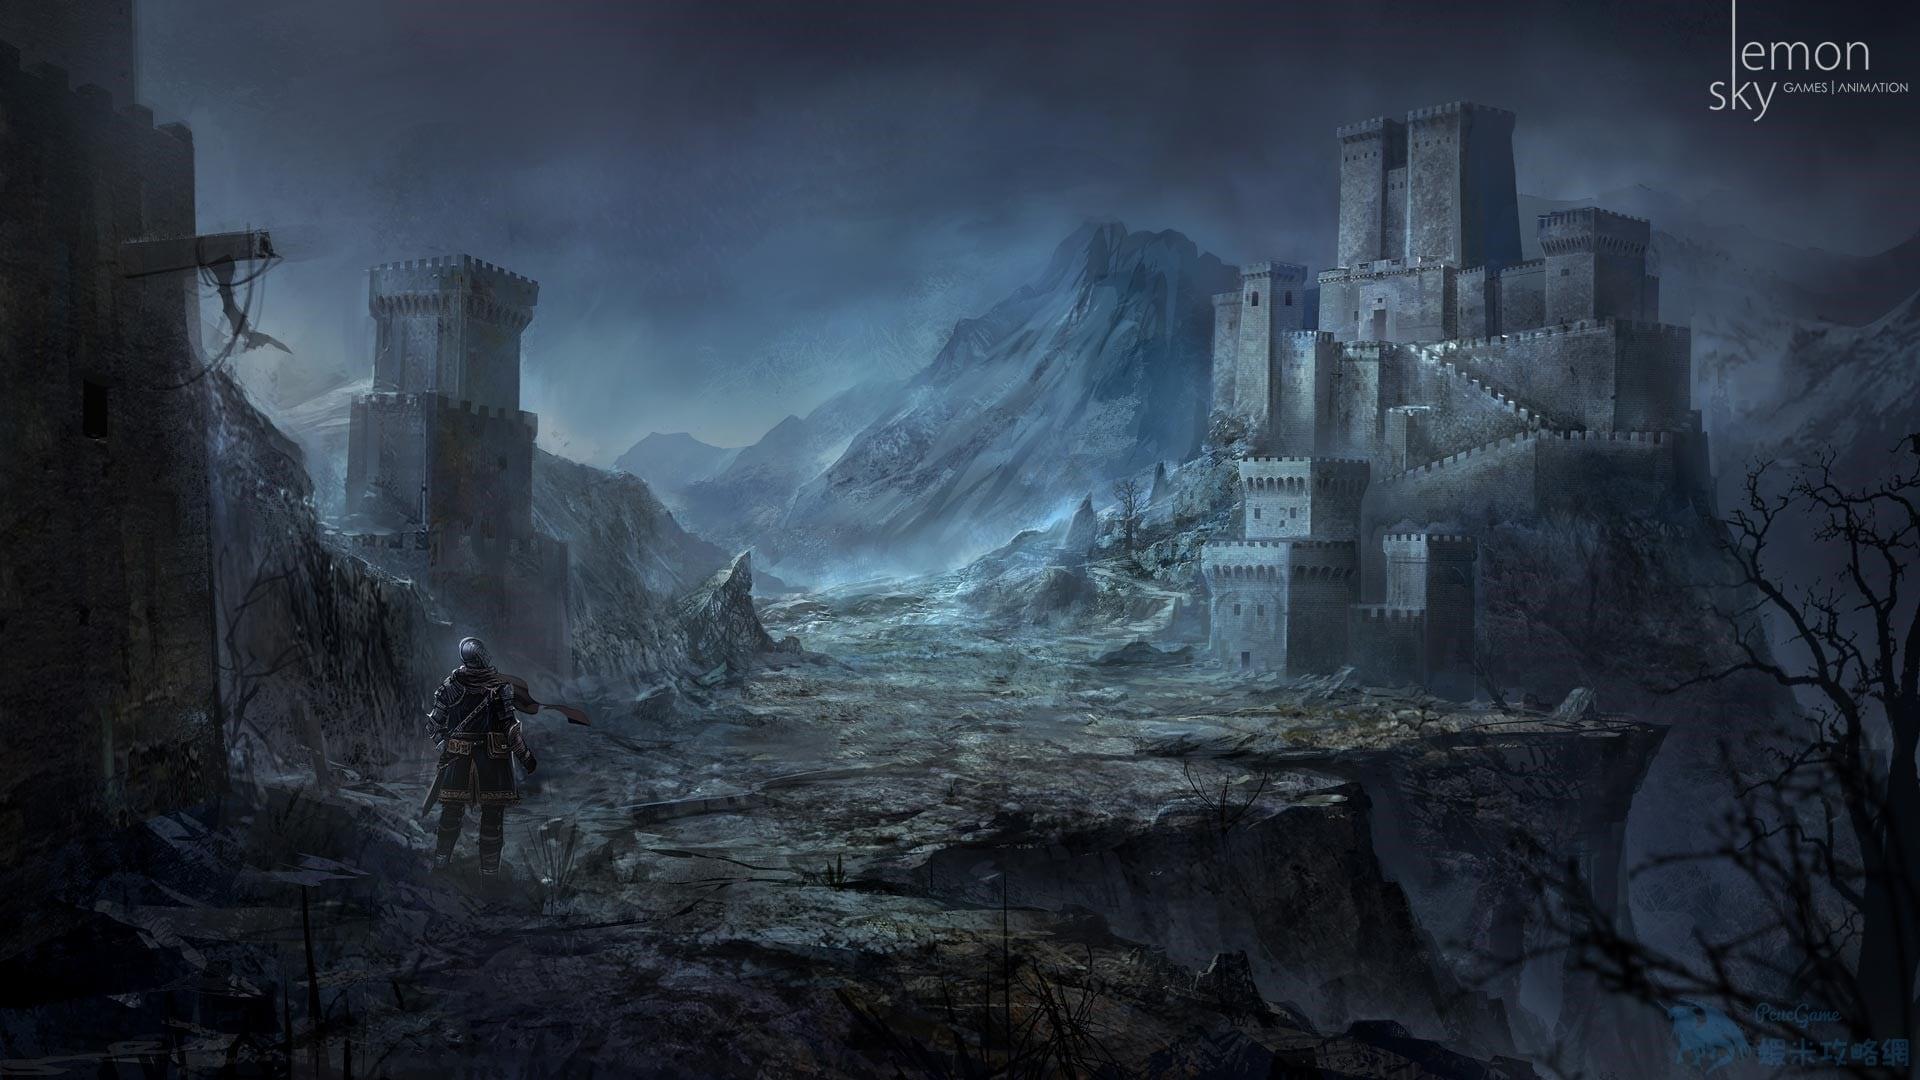 黑暗靈魂3 武器韌性介紹及實戰運用 韌性有什麼用